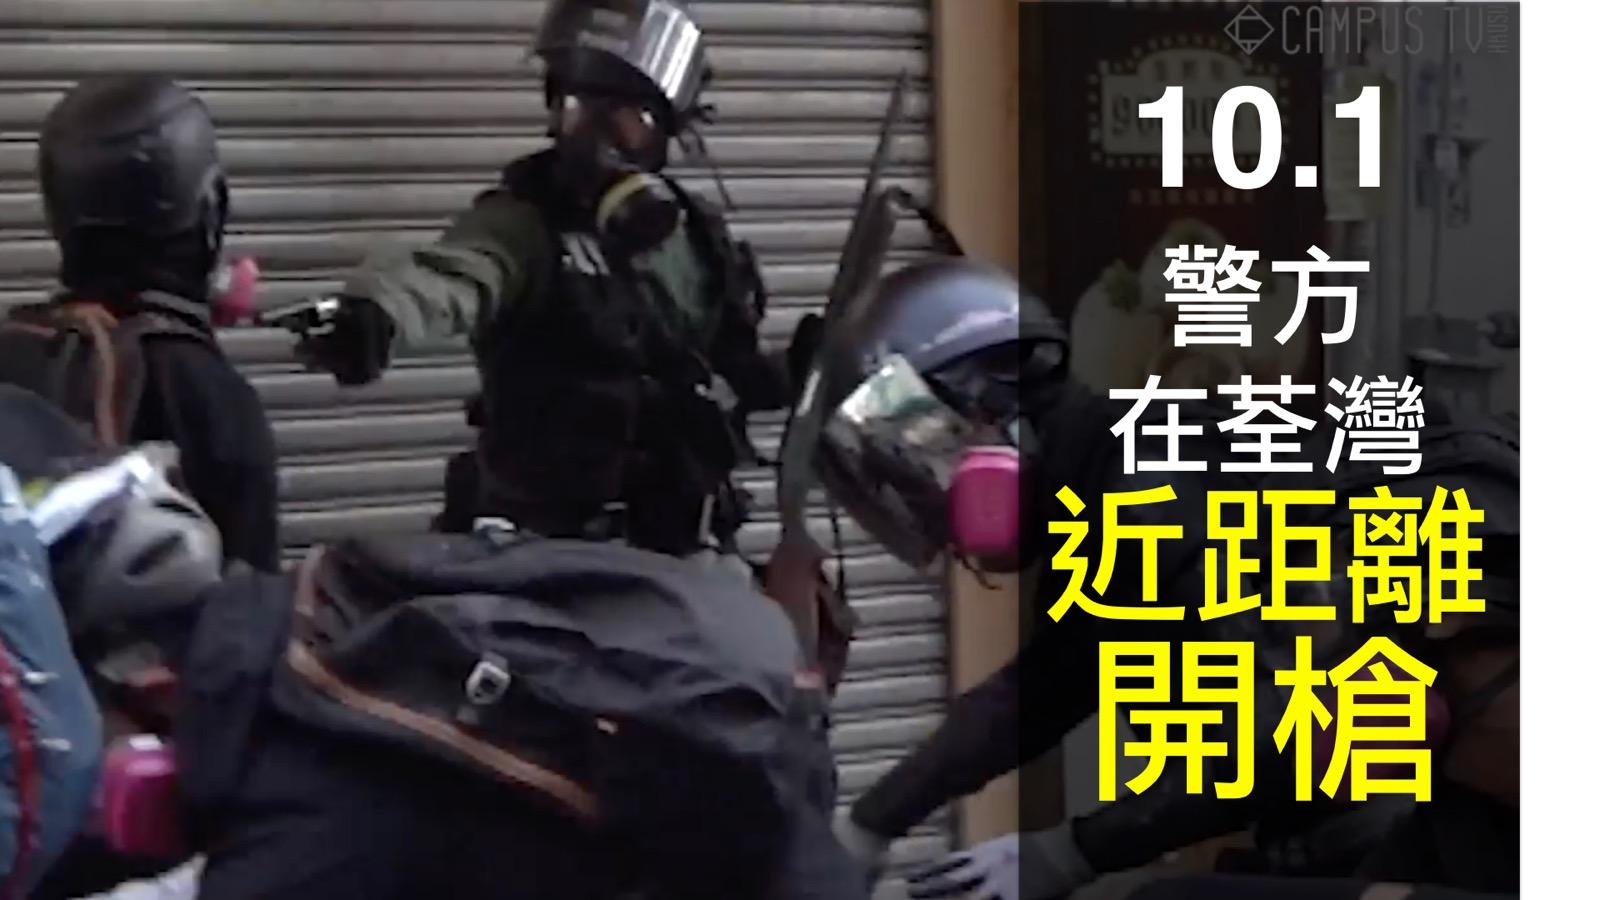 1日在荃灣大河道附近,一名警察拔出手槍,在不到一米的極近距離向年輕人左胸部開槍,年輕人中彈倒下。(視頻截圖)